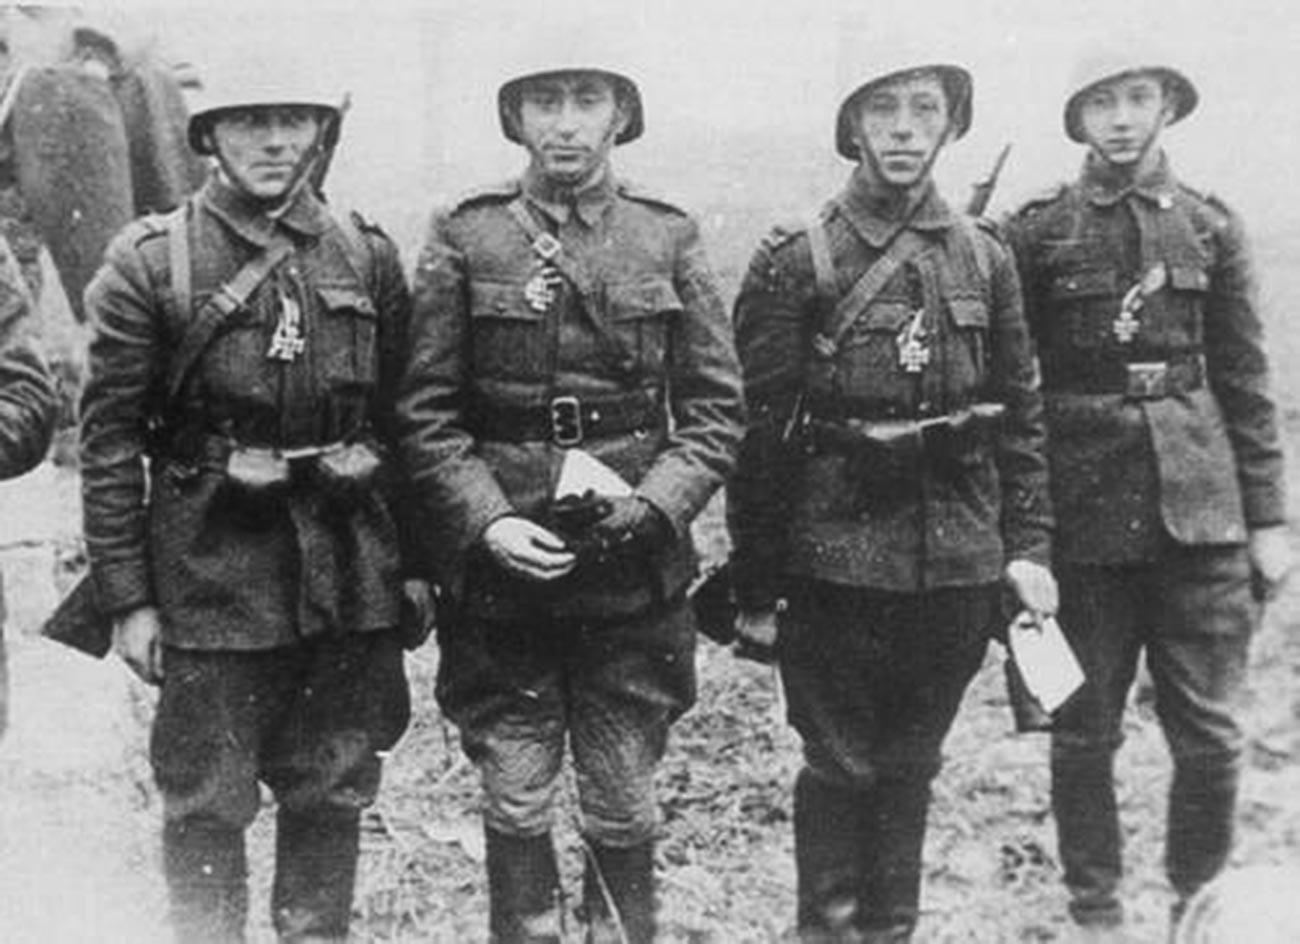 Крим. Коњица 8. бригаде, одликована 7. јануара 1942. гвозденим крстовима за уништење совјетског десанта